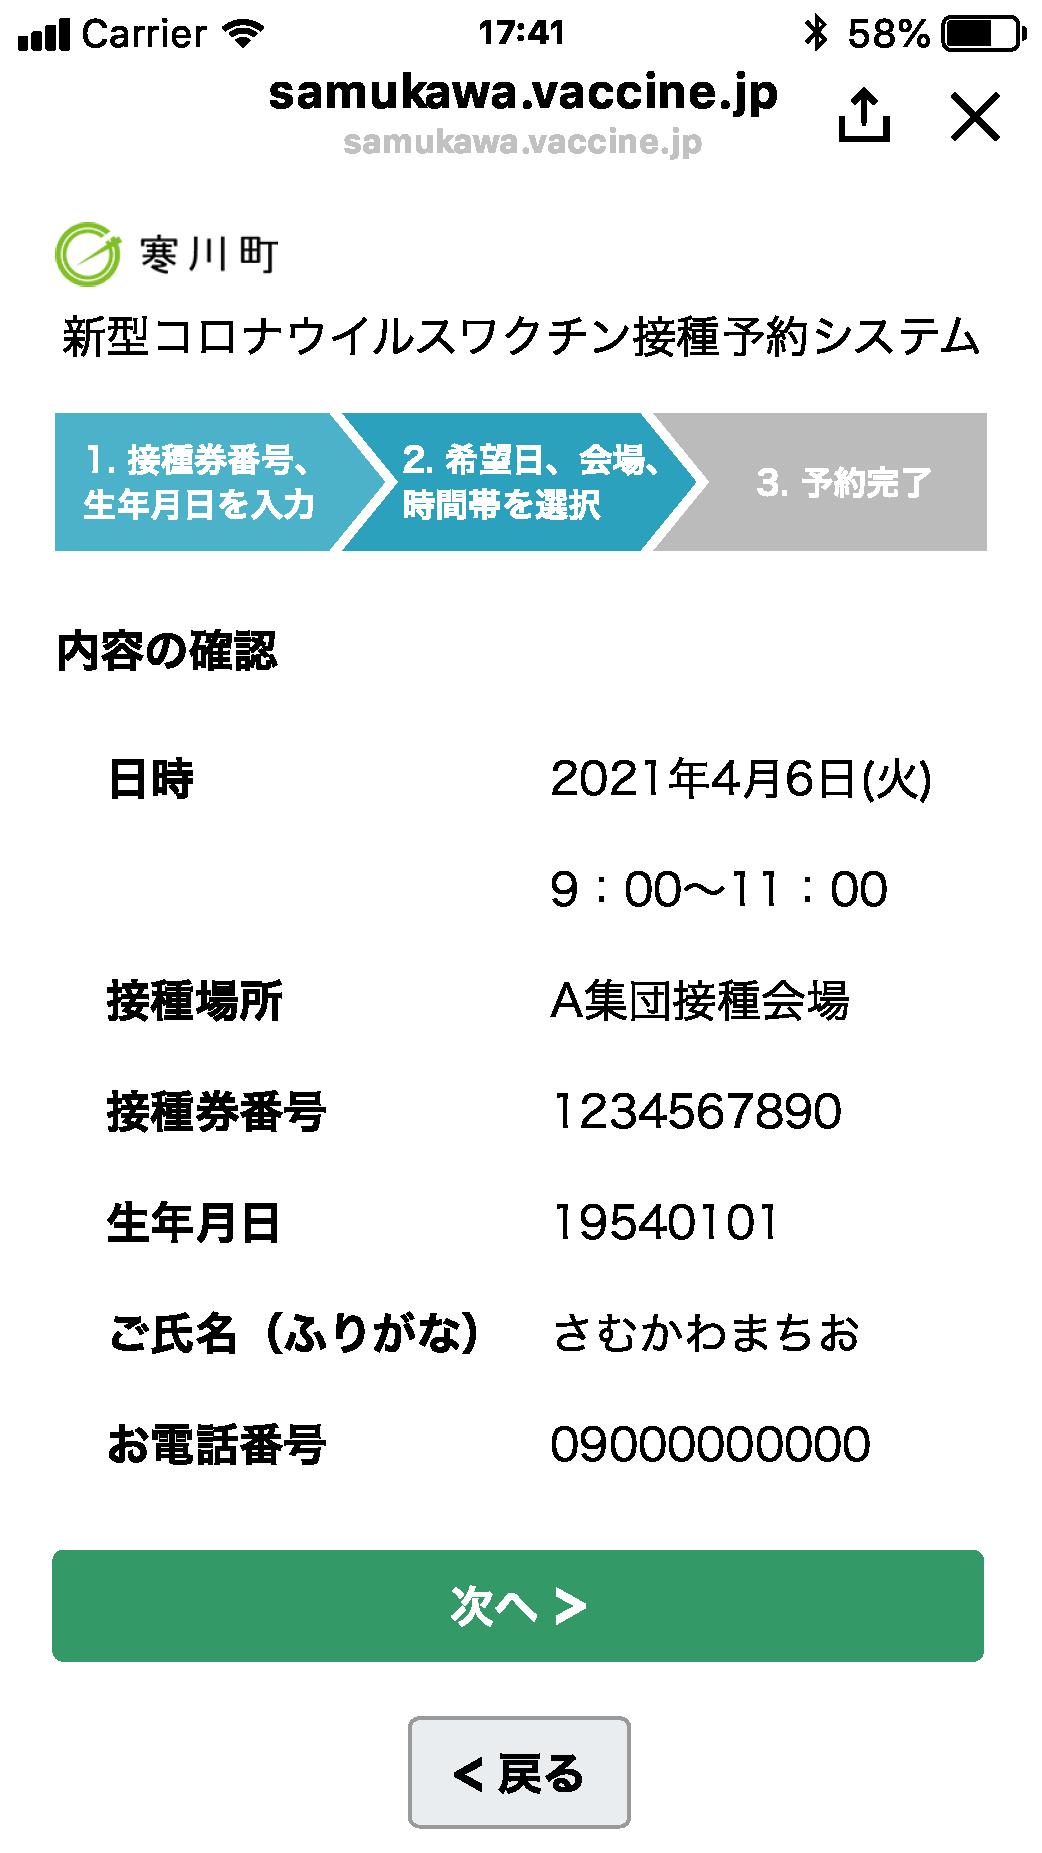 新型コロナウイルスワクチン接種予約システム_LINE予約フロー4